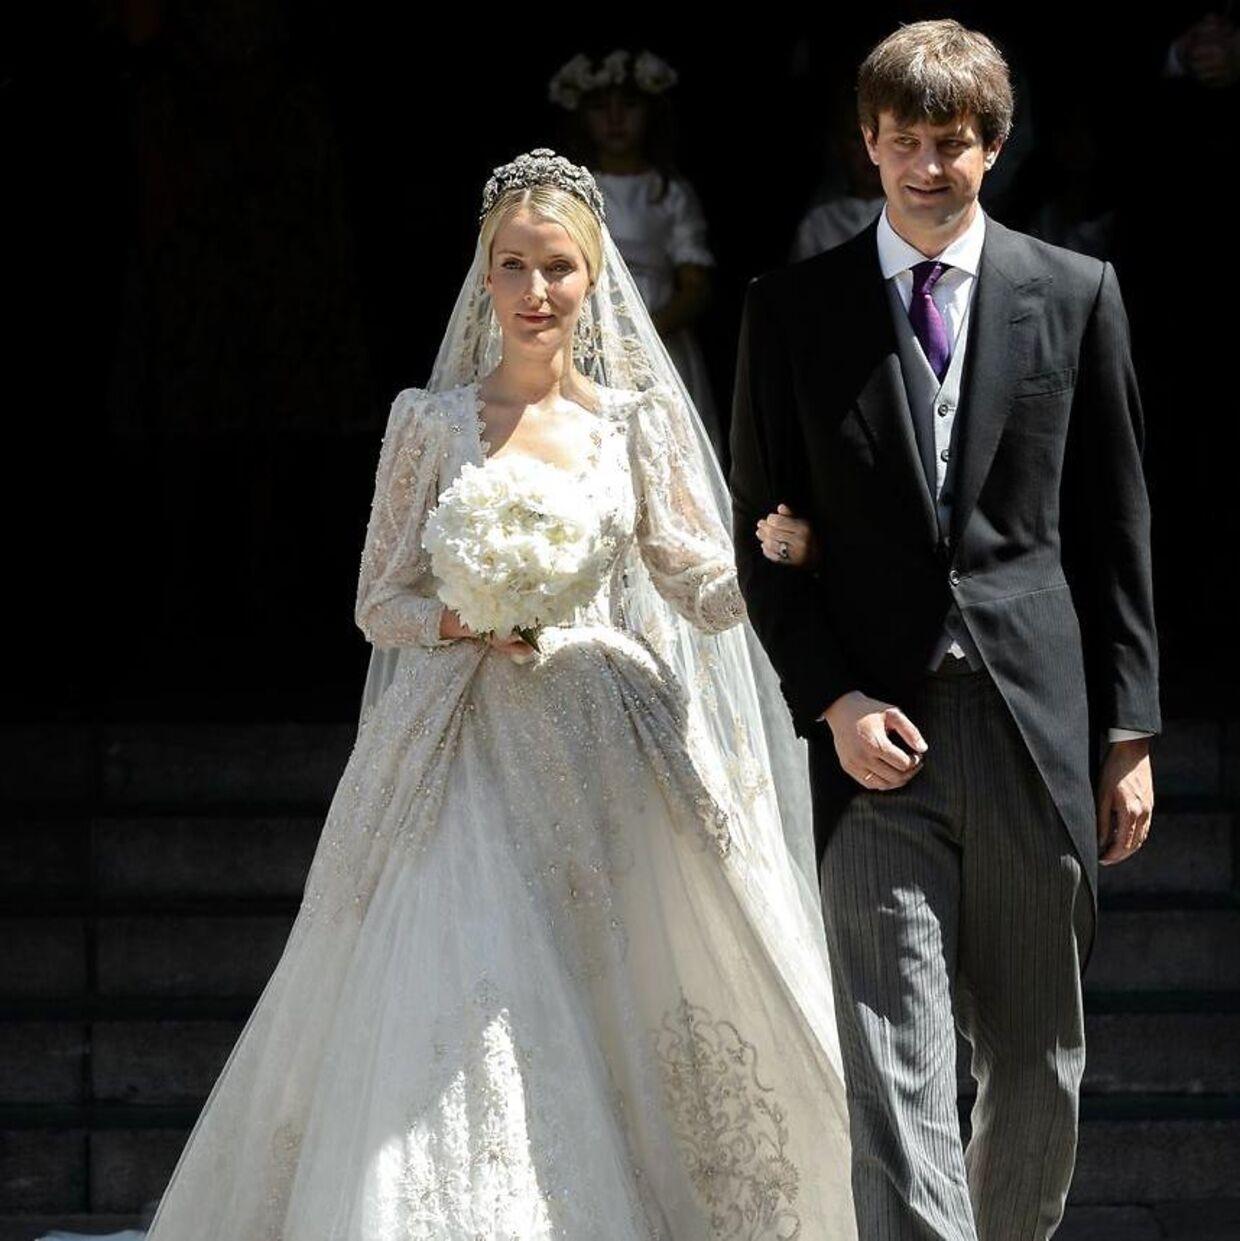 Prins Ernst August junior sammen med sin russiske brud.